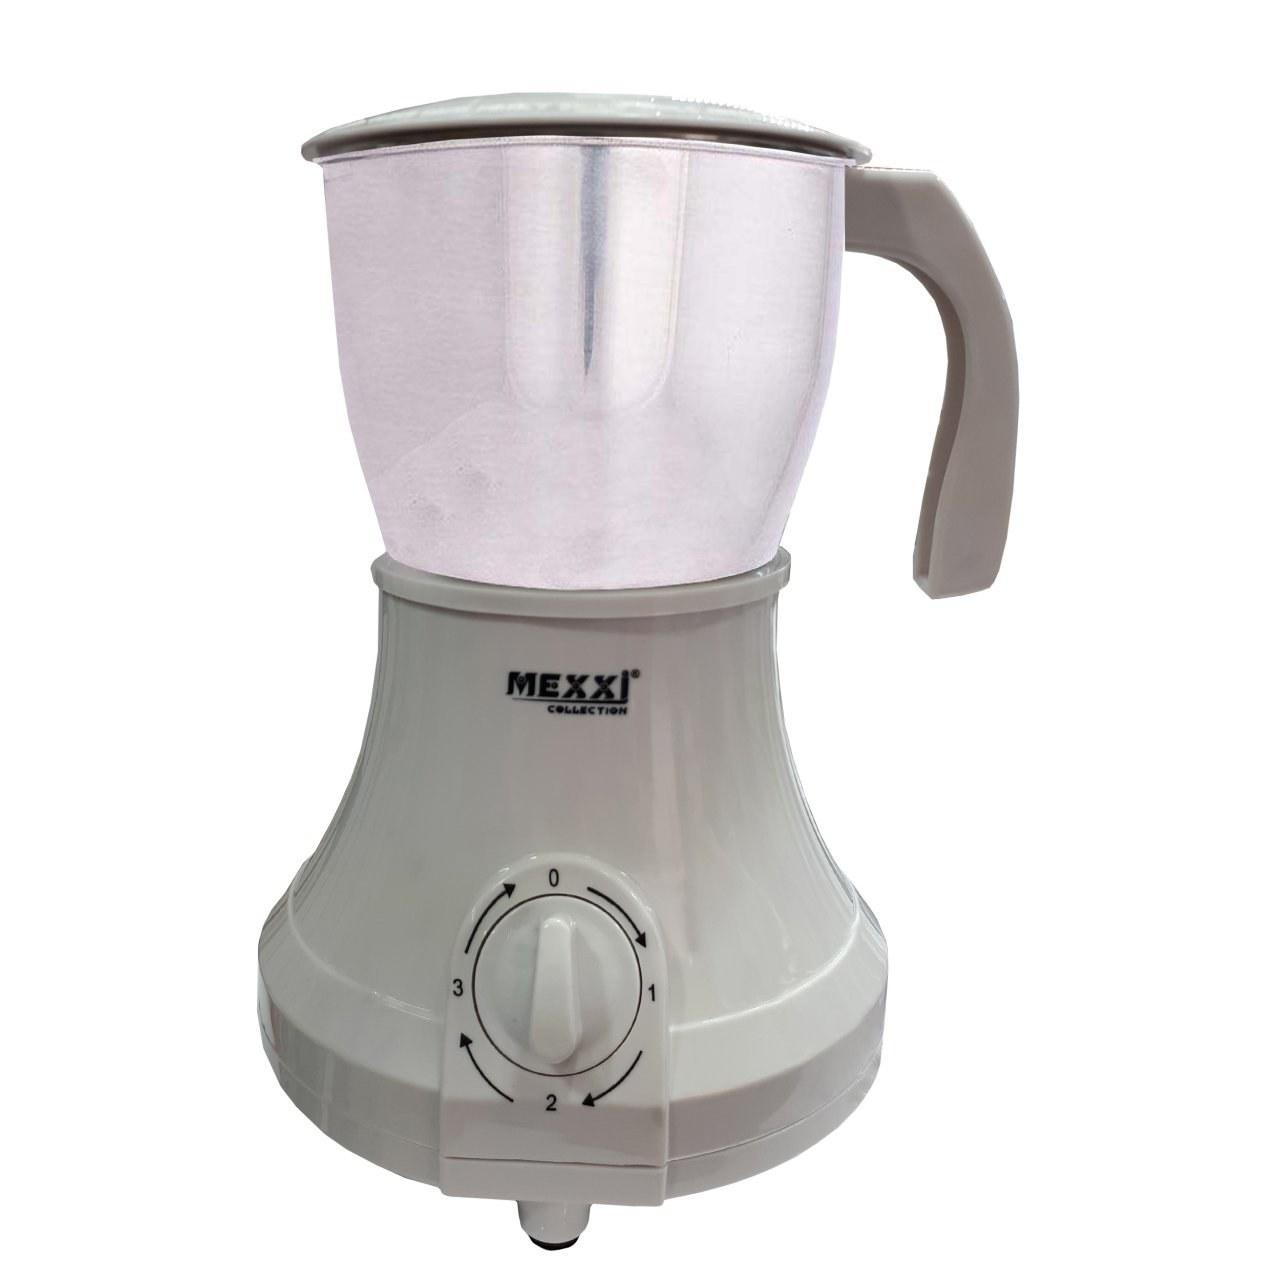 تصویر آسیاب قهوه مکسی مدل GREN-SS آسیاب تکی مارک مکسی